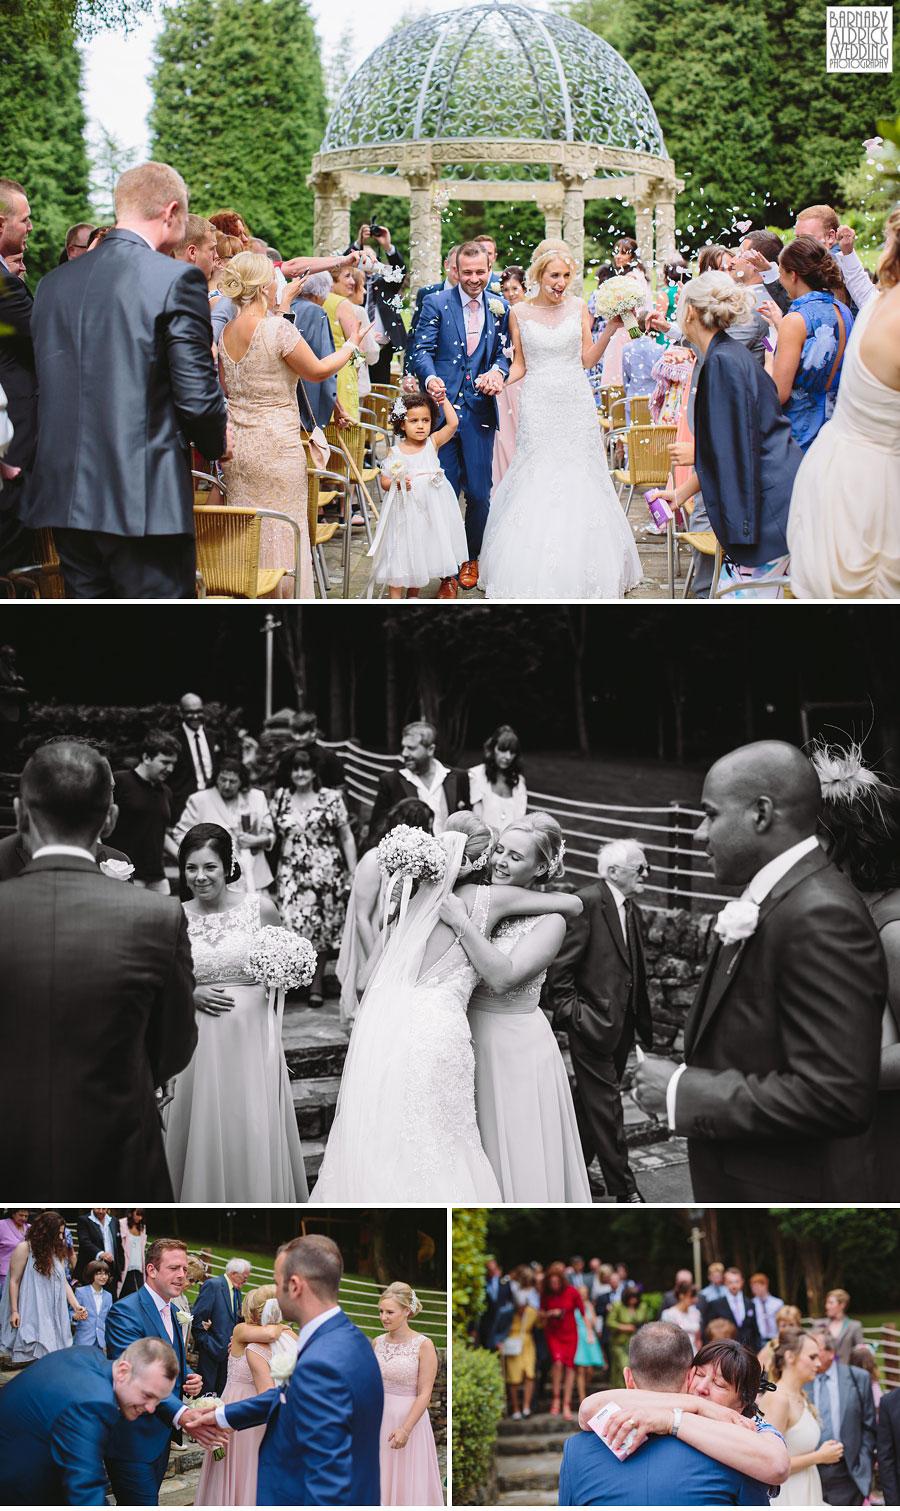 Saddleworth Hotel Wedding Photography near Oldham by Yorkshire and Lancashire Wedding Photographer Barnaby Aldrick 24